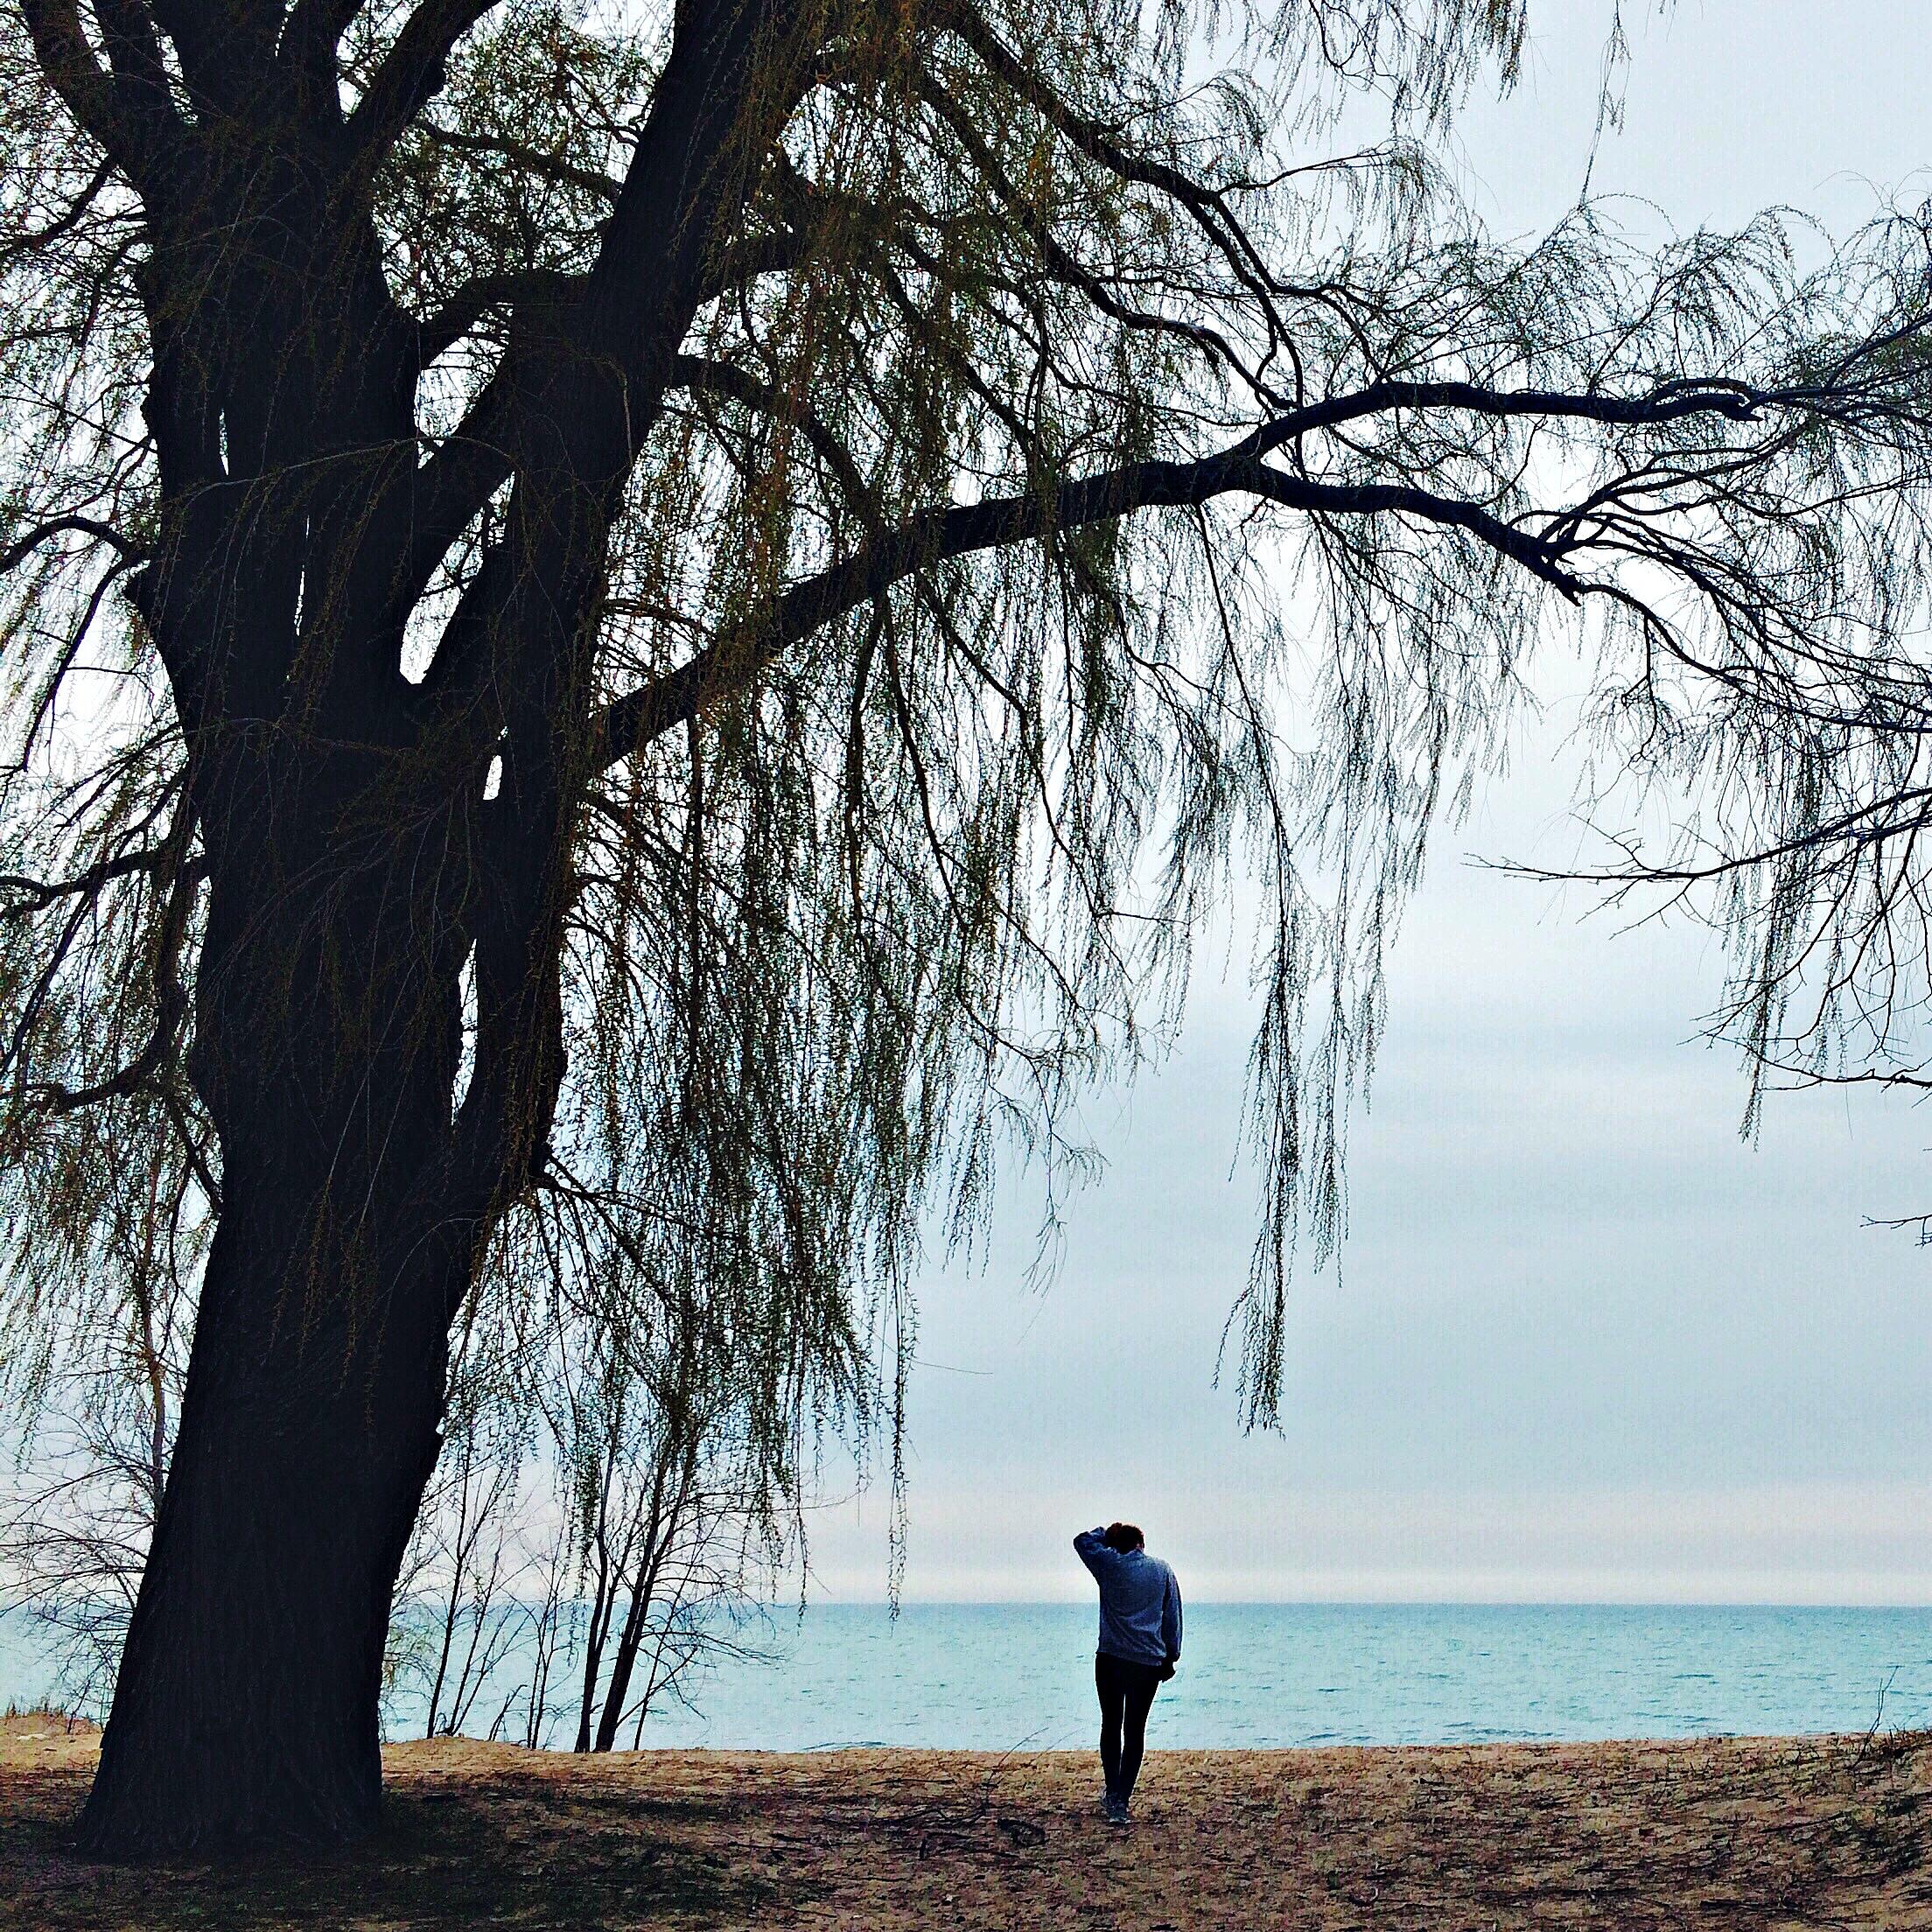 Connie: Lake Michigan